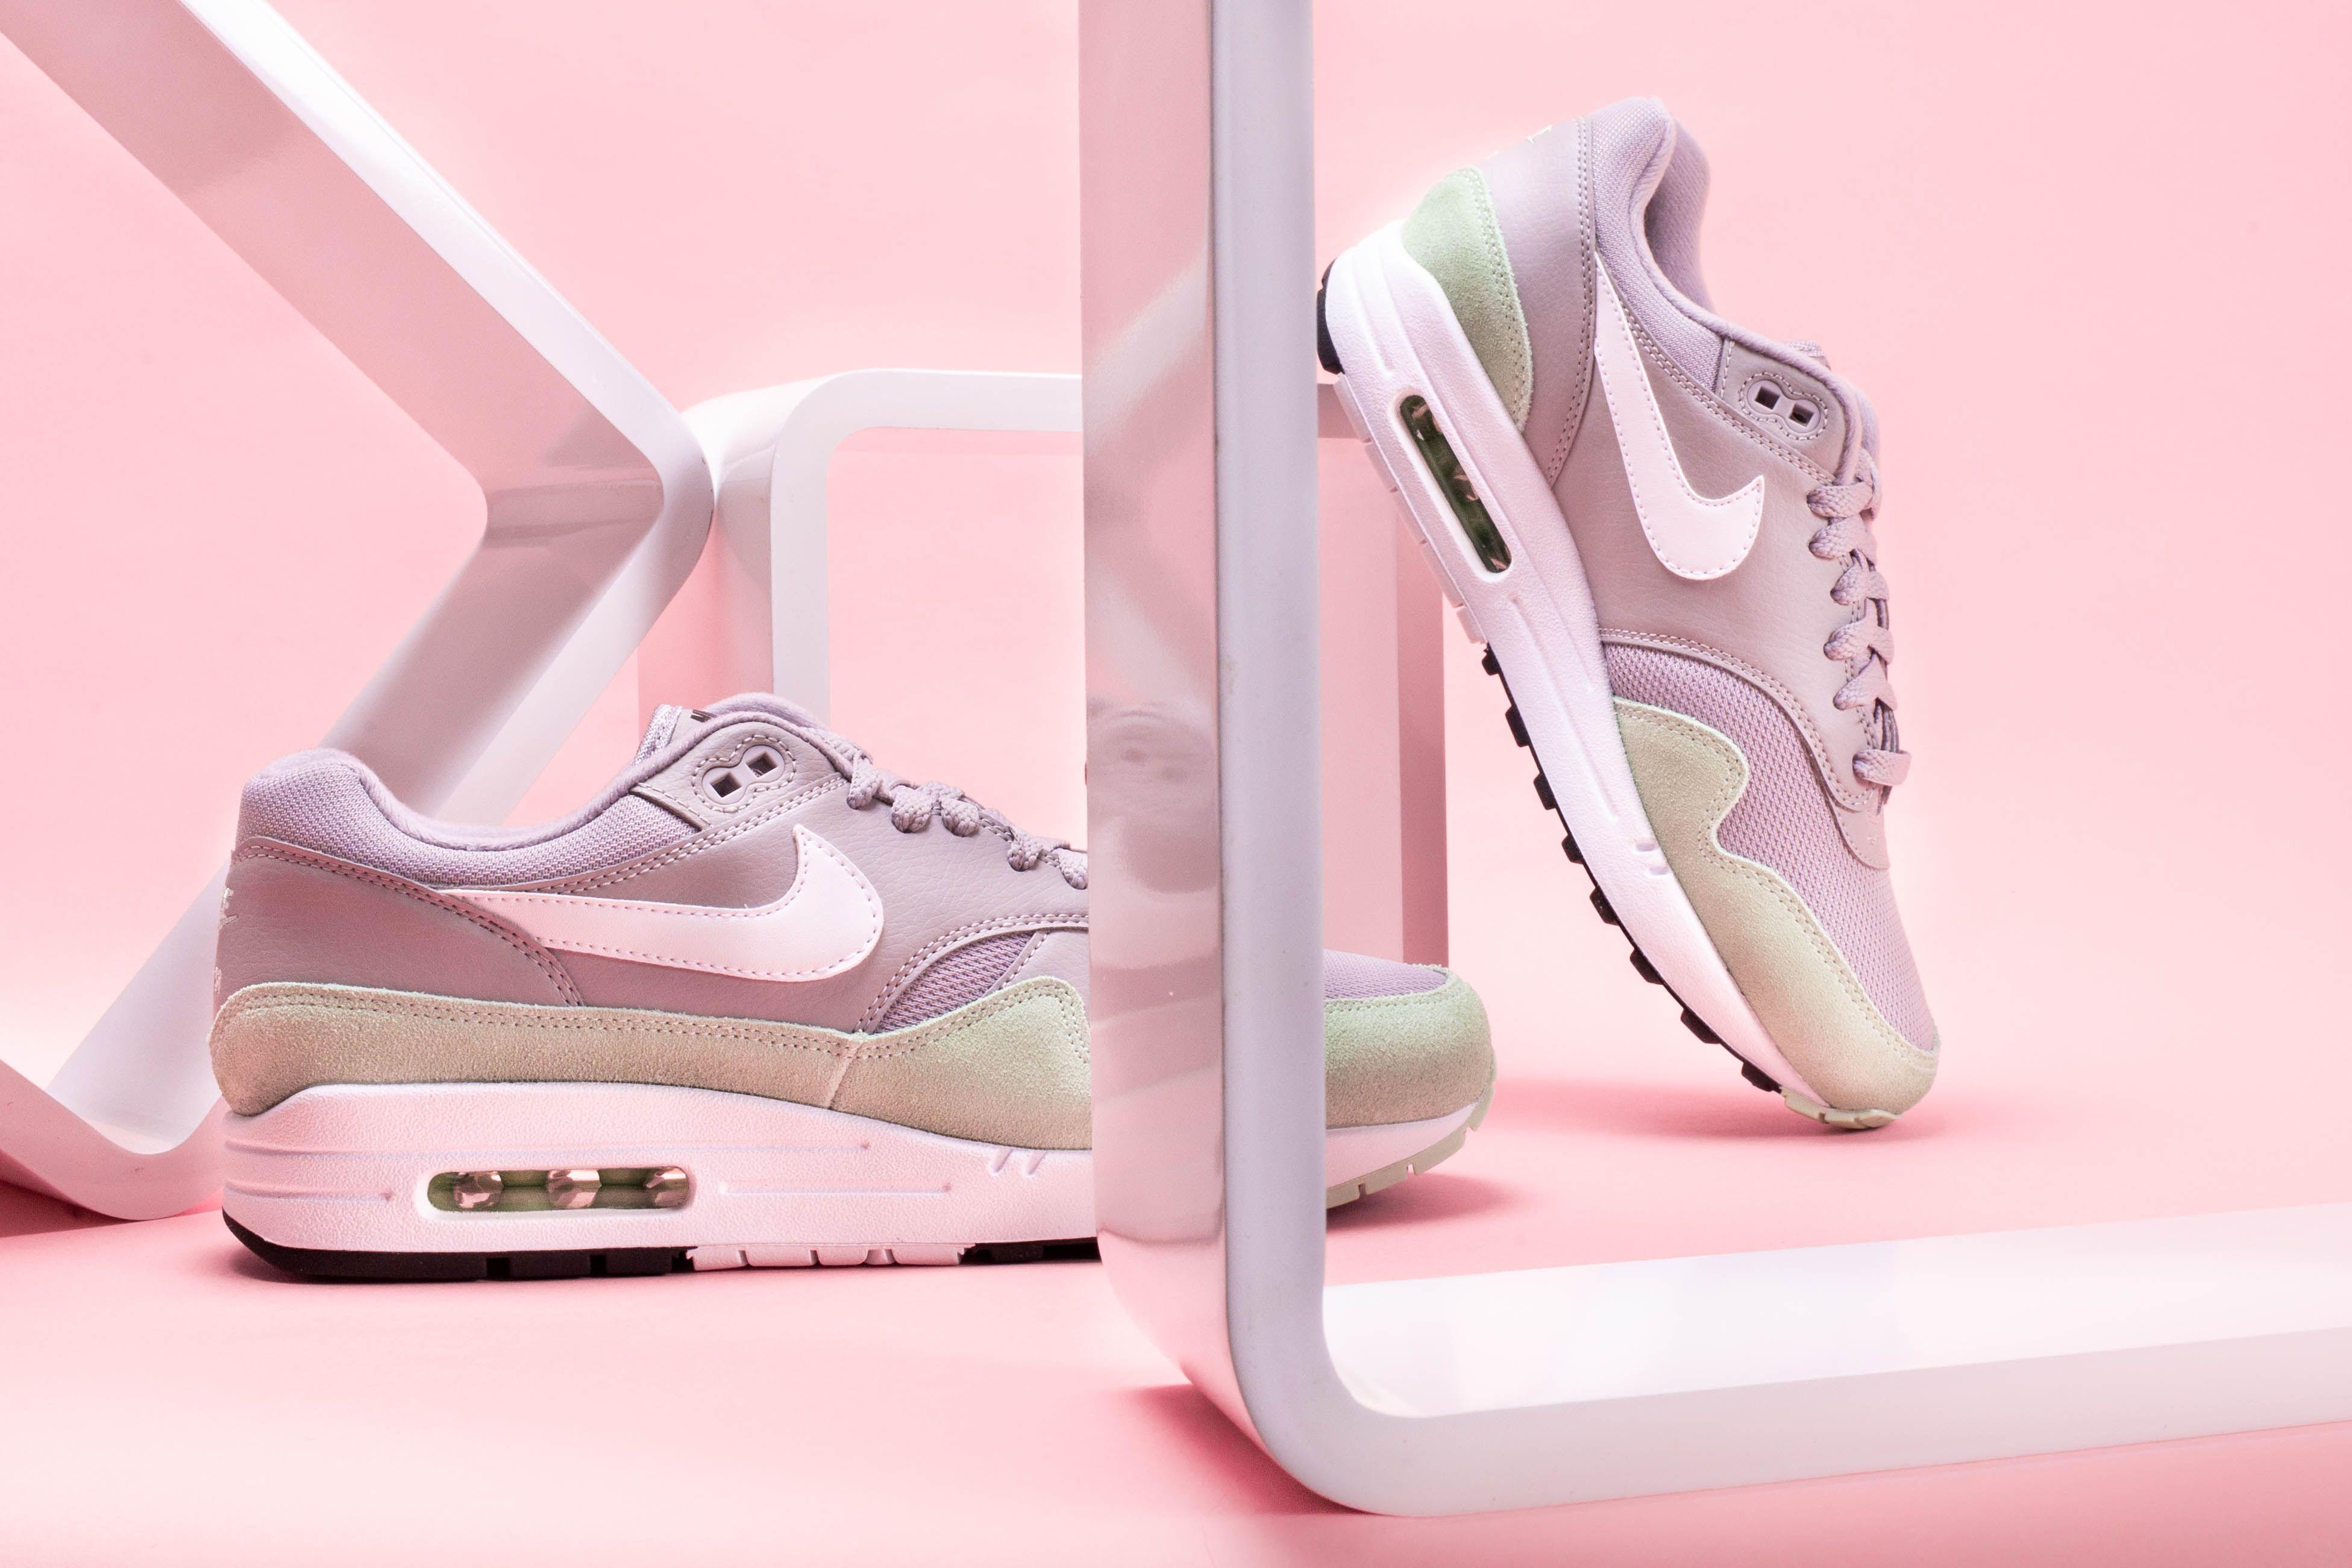 Nike Air Max 1 Gris Fresh Mint | Chaussure basket homme